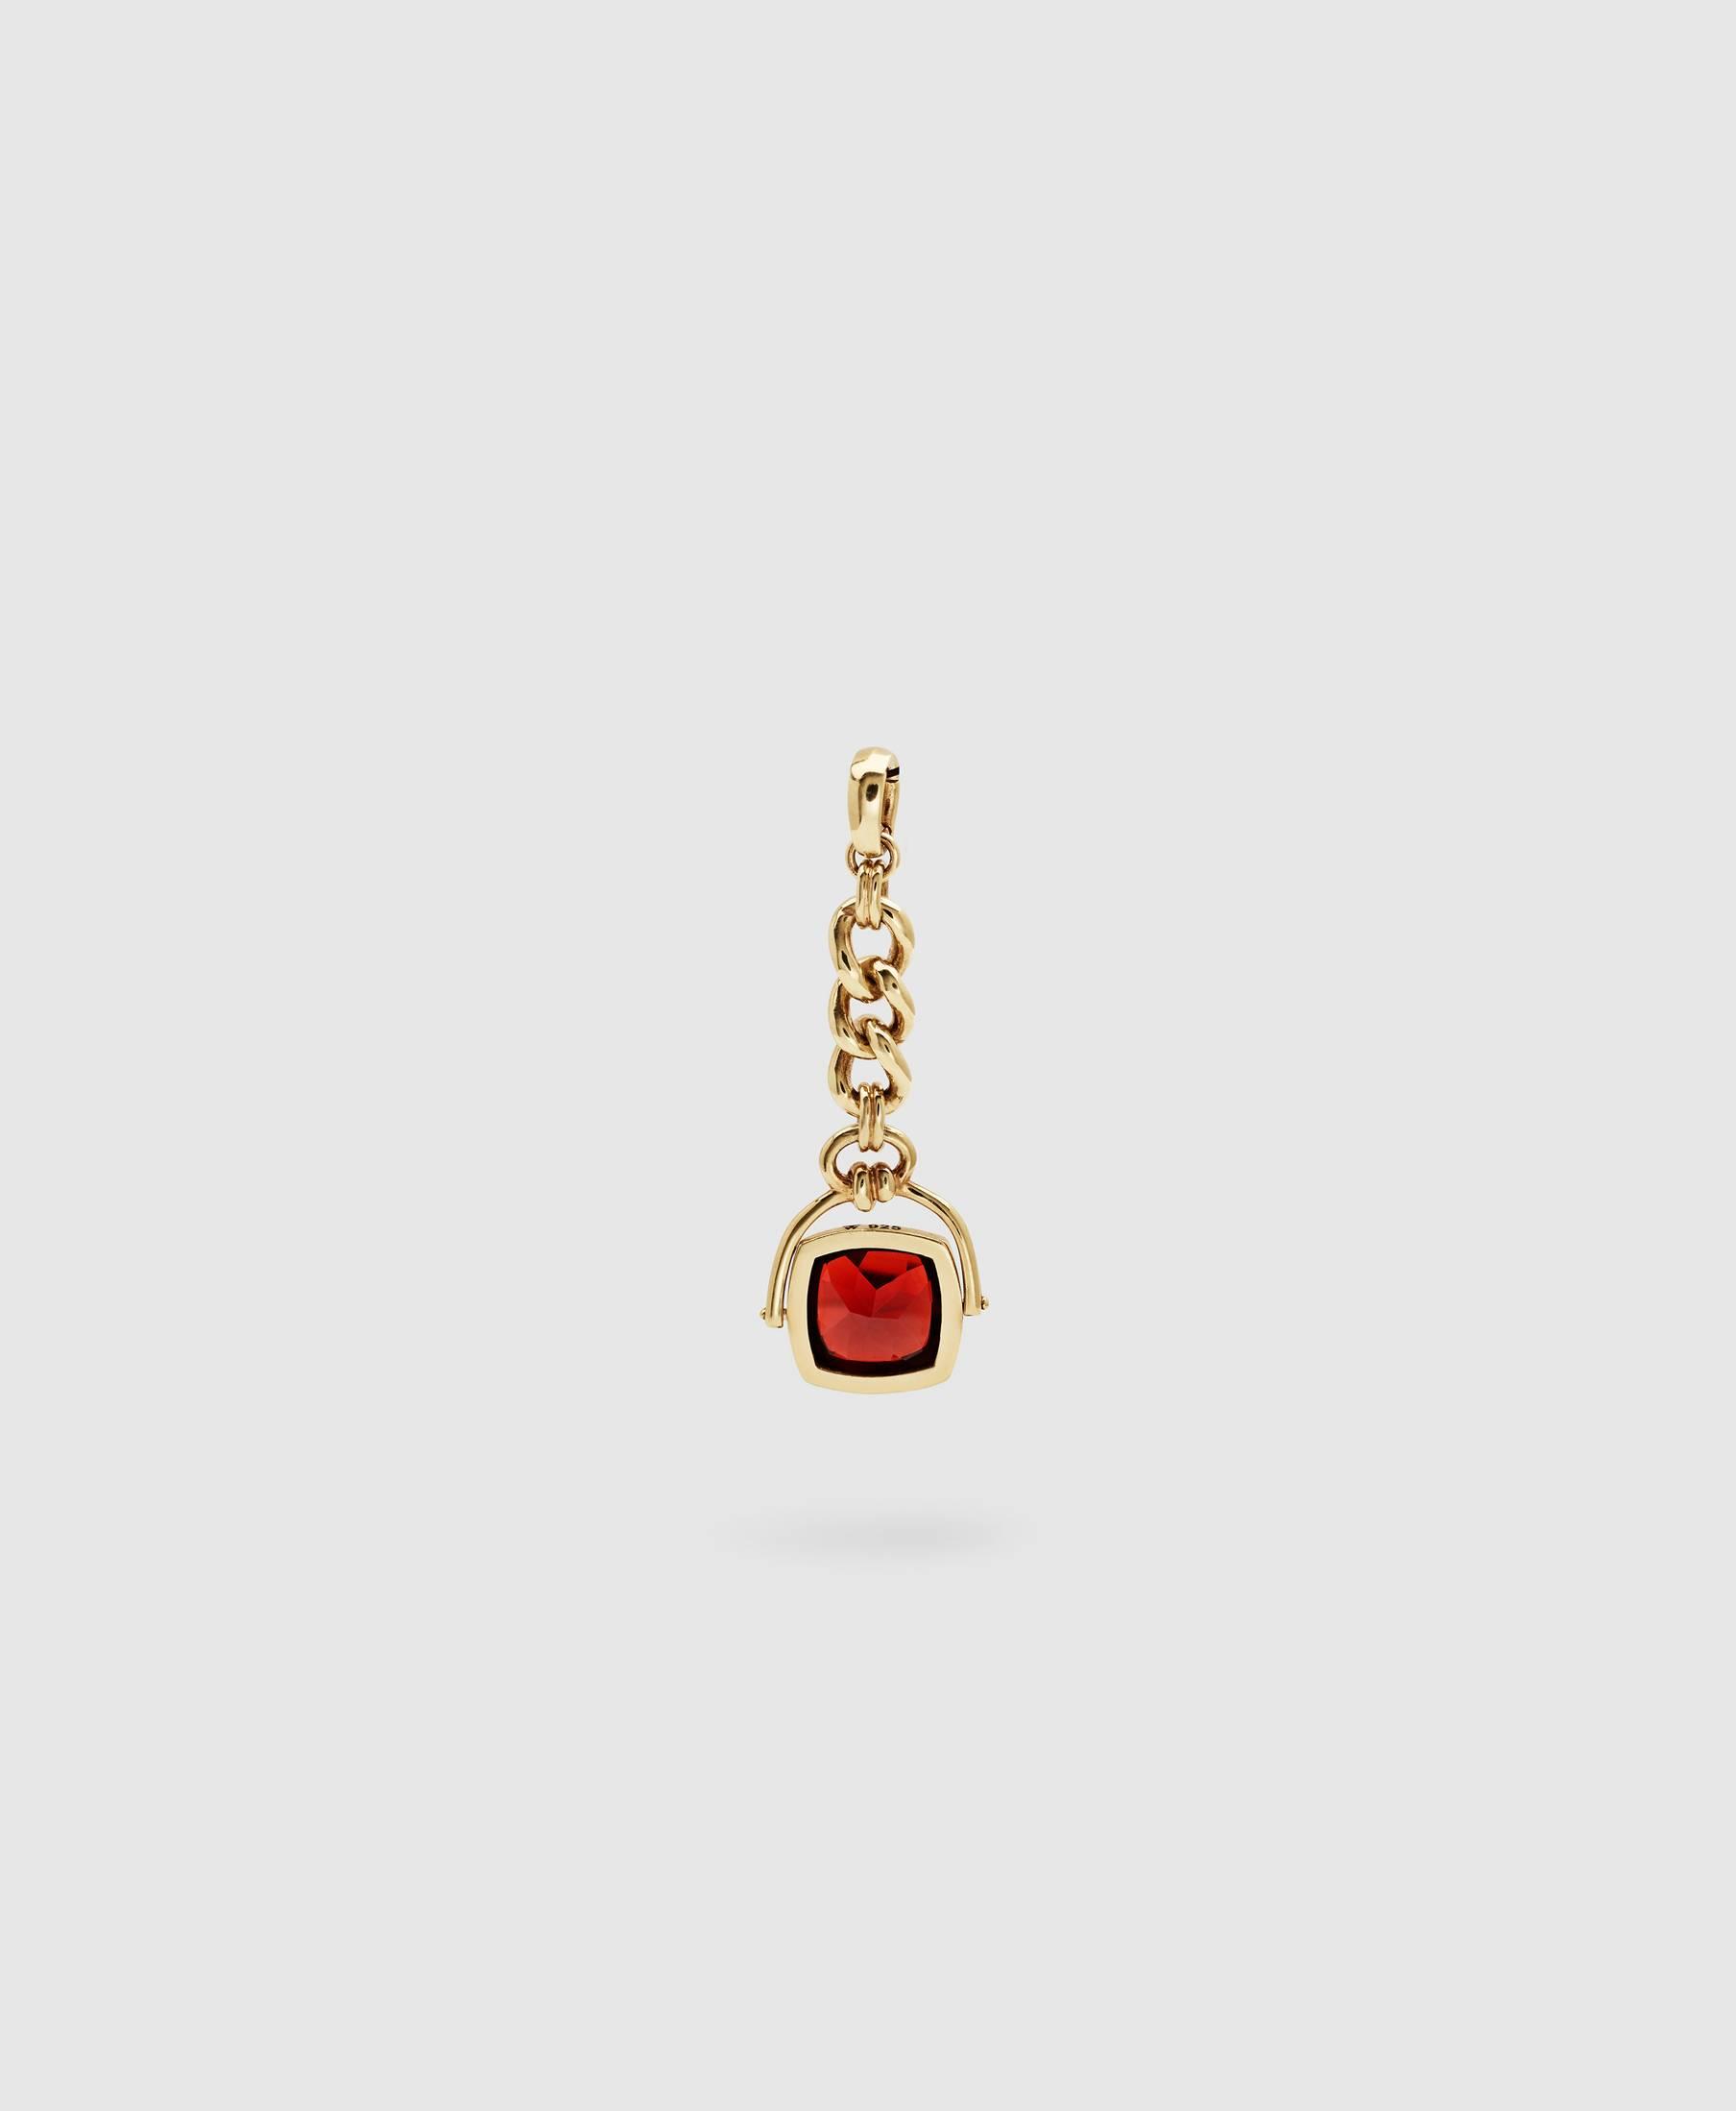 Thomas Seal Red Garnet Gold